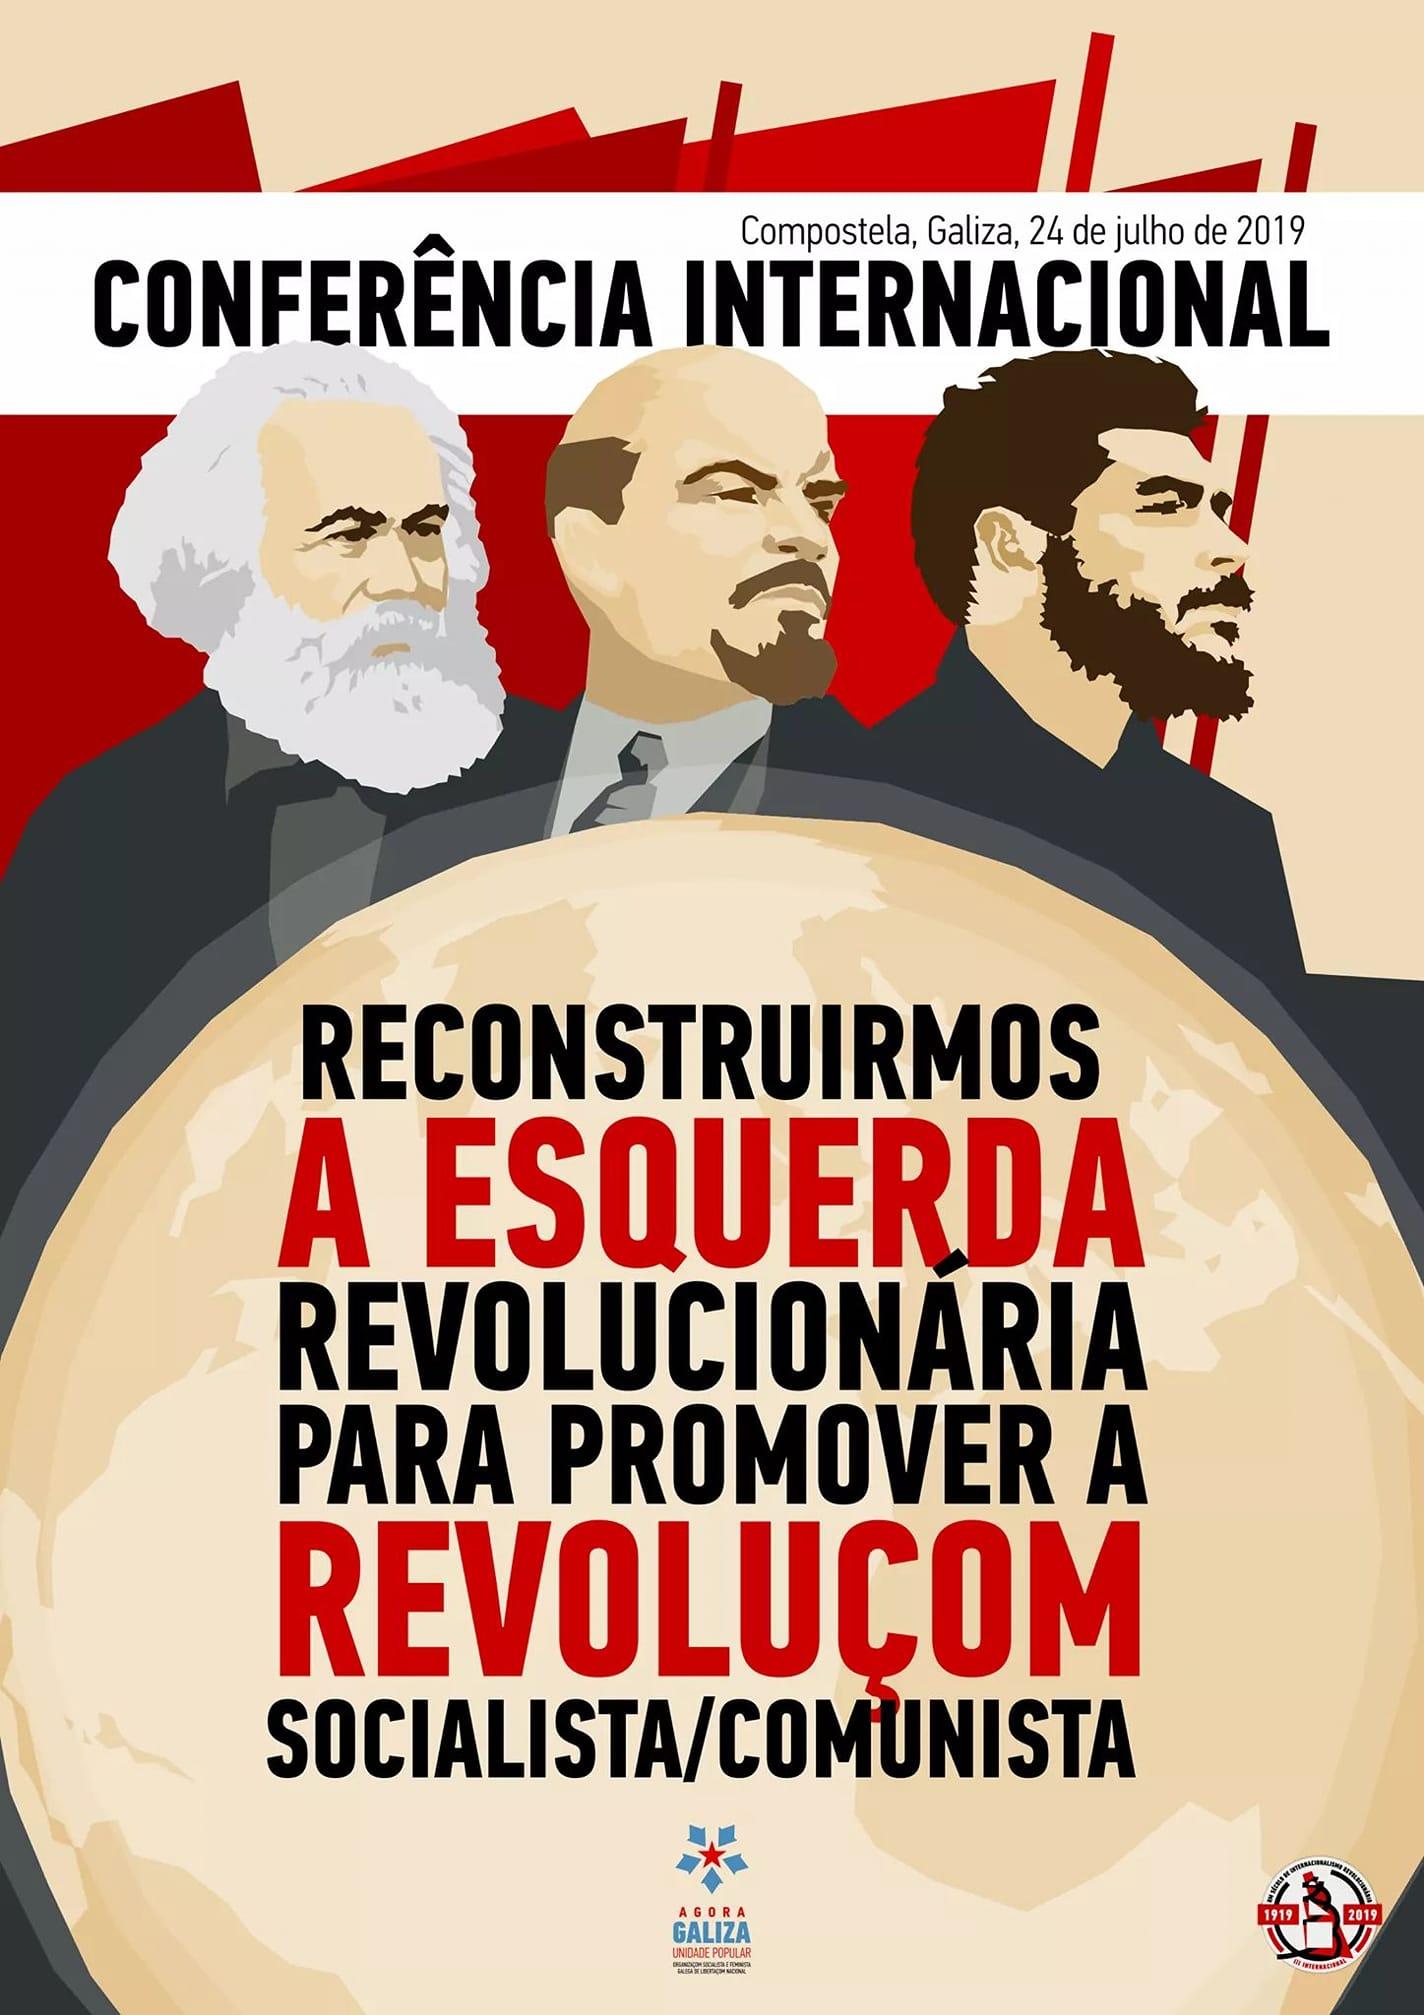 Declaración Internacional: Por la reconstrucción del movimiento revolucionario socialista/comunista